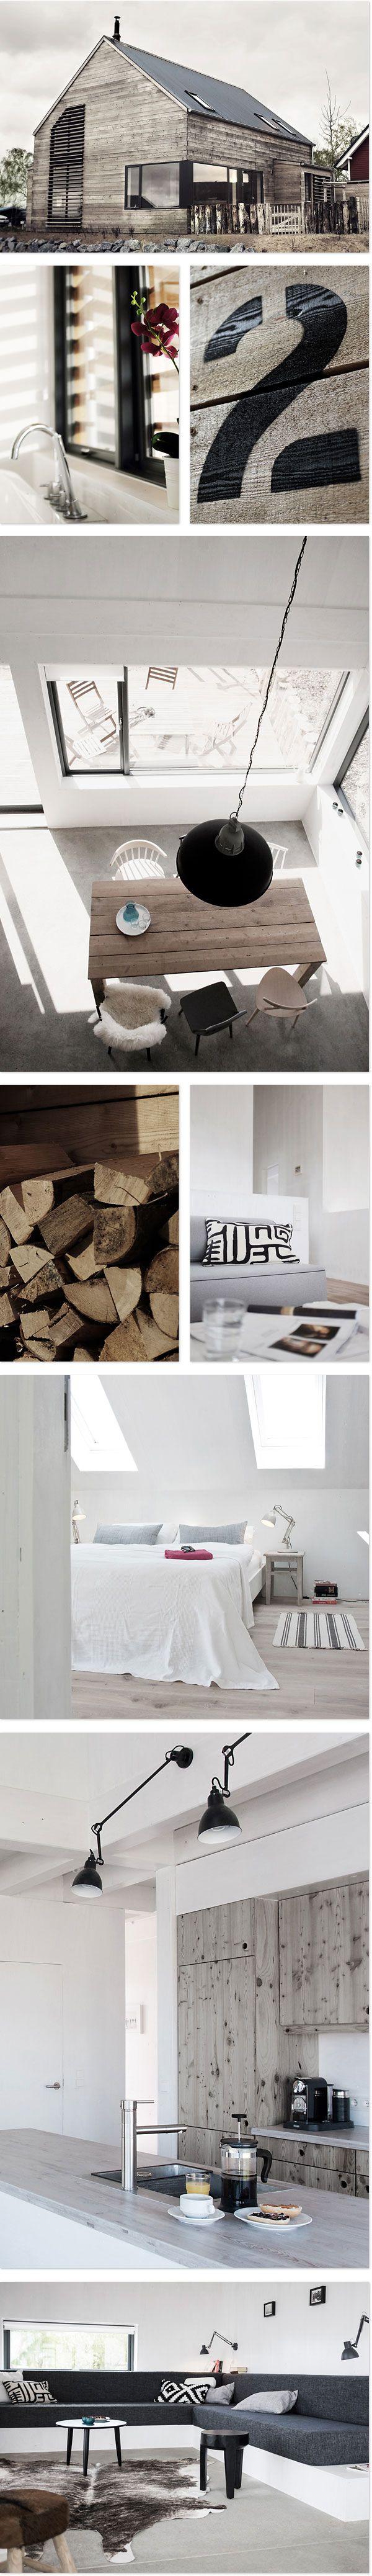 Home 187 schlafen amp bad 187 wellness pur - Strandwood Ein Holzhaus Direkt Am Wasser